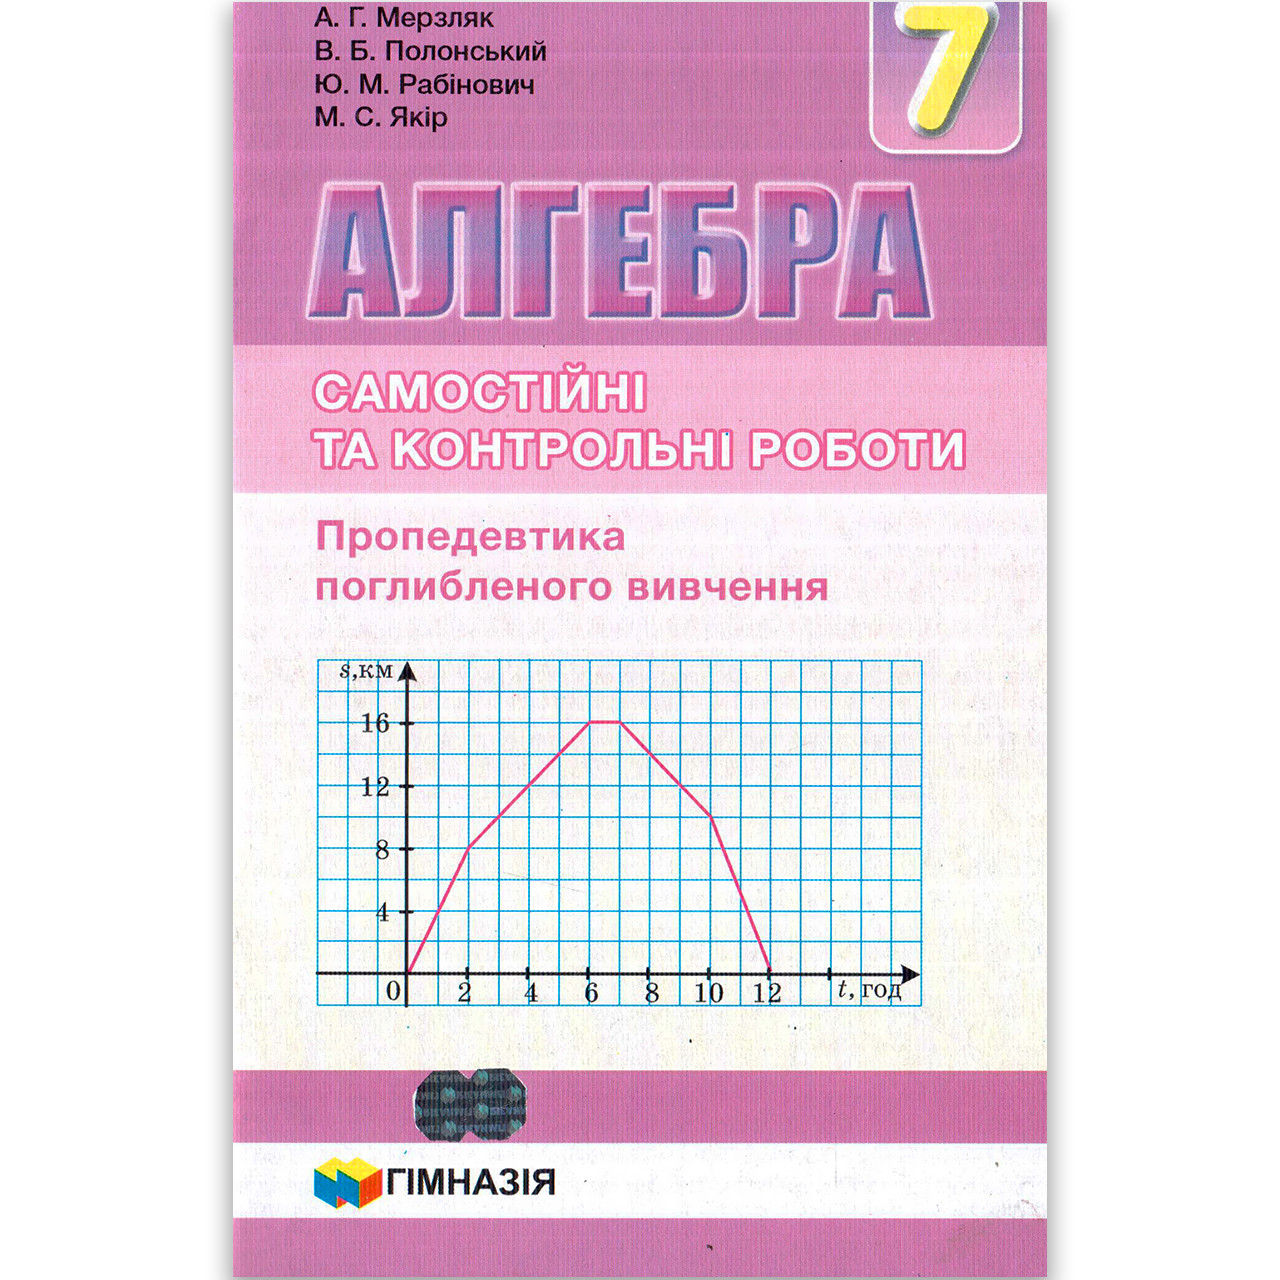 Алгебра 7 клас Самостійні та контрольні роботи Поглиблене вивчення Авт: Мерзляк А. Вид: Гімназія